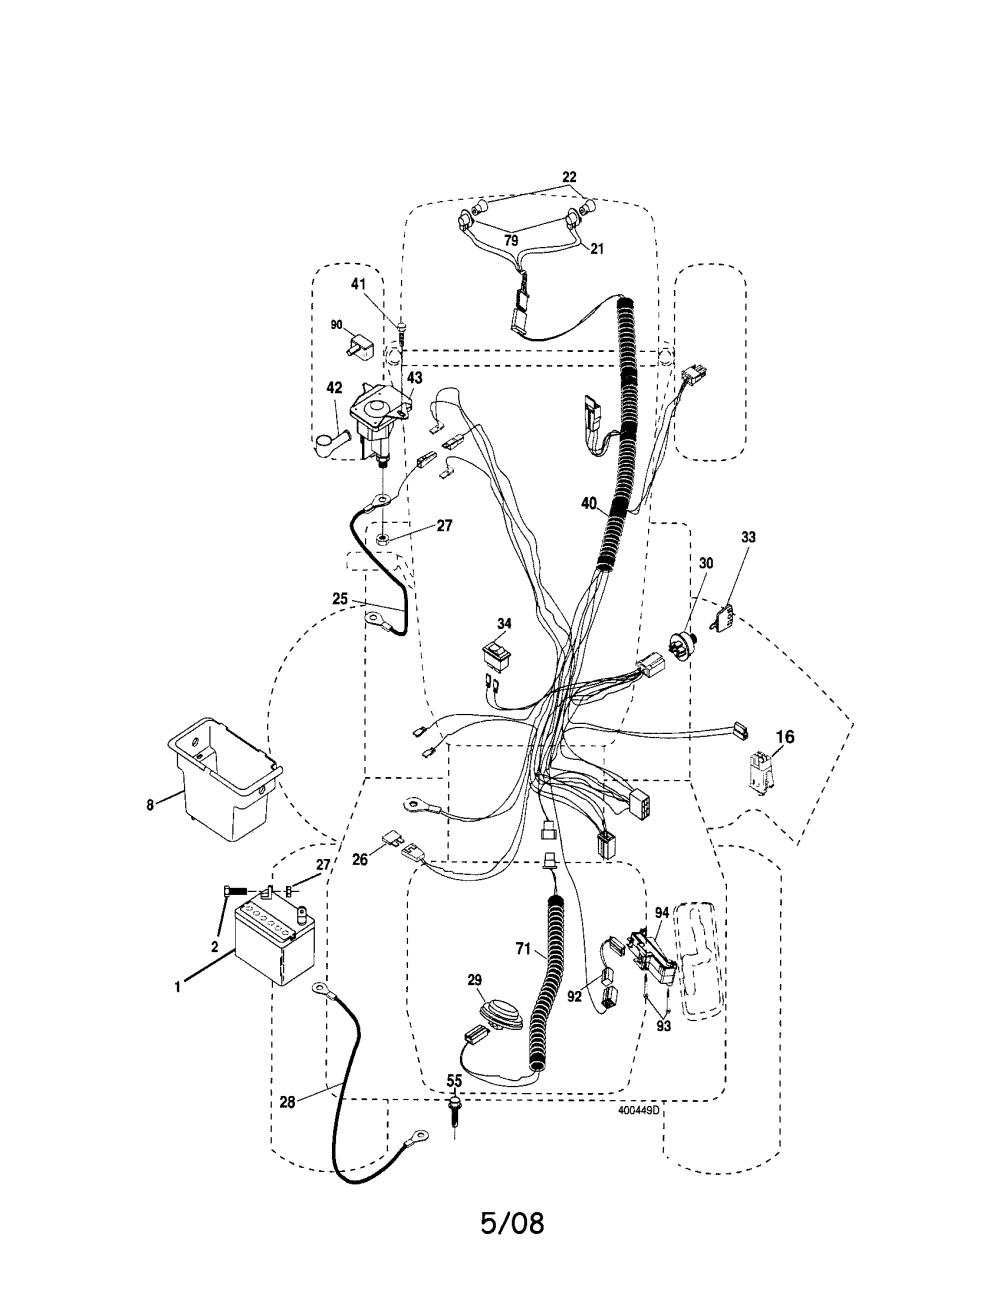 medium resolution of craftsman dls 3500 wiring diagram wiring diagram forward craftsman dls 3500 wiring diagram craftsman dls 3500 wiring diagram